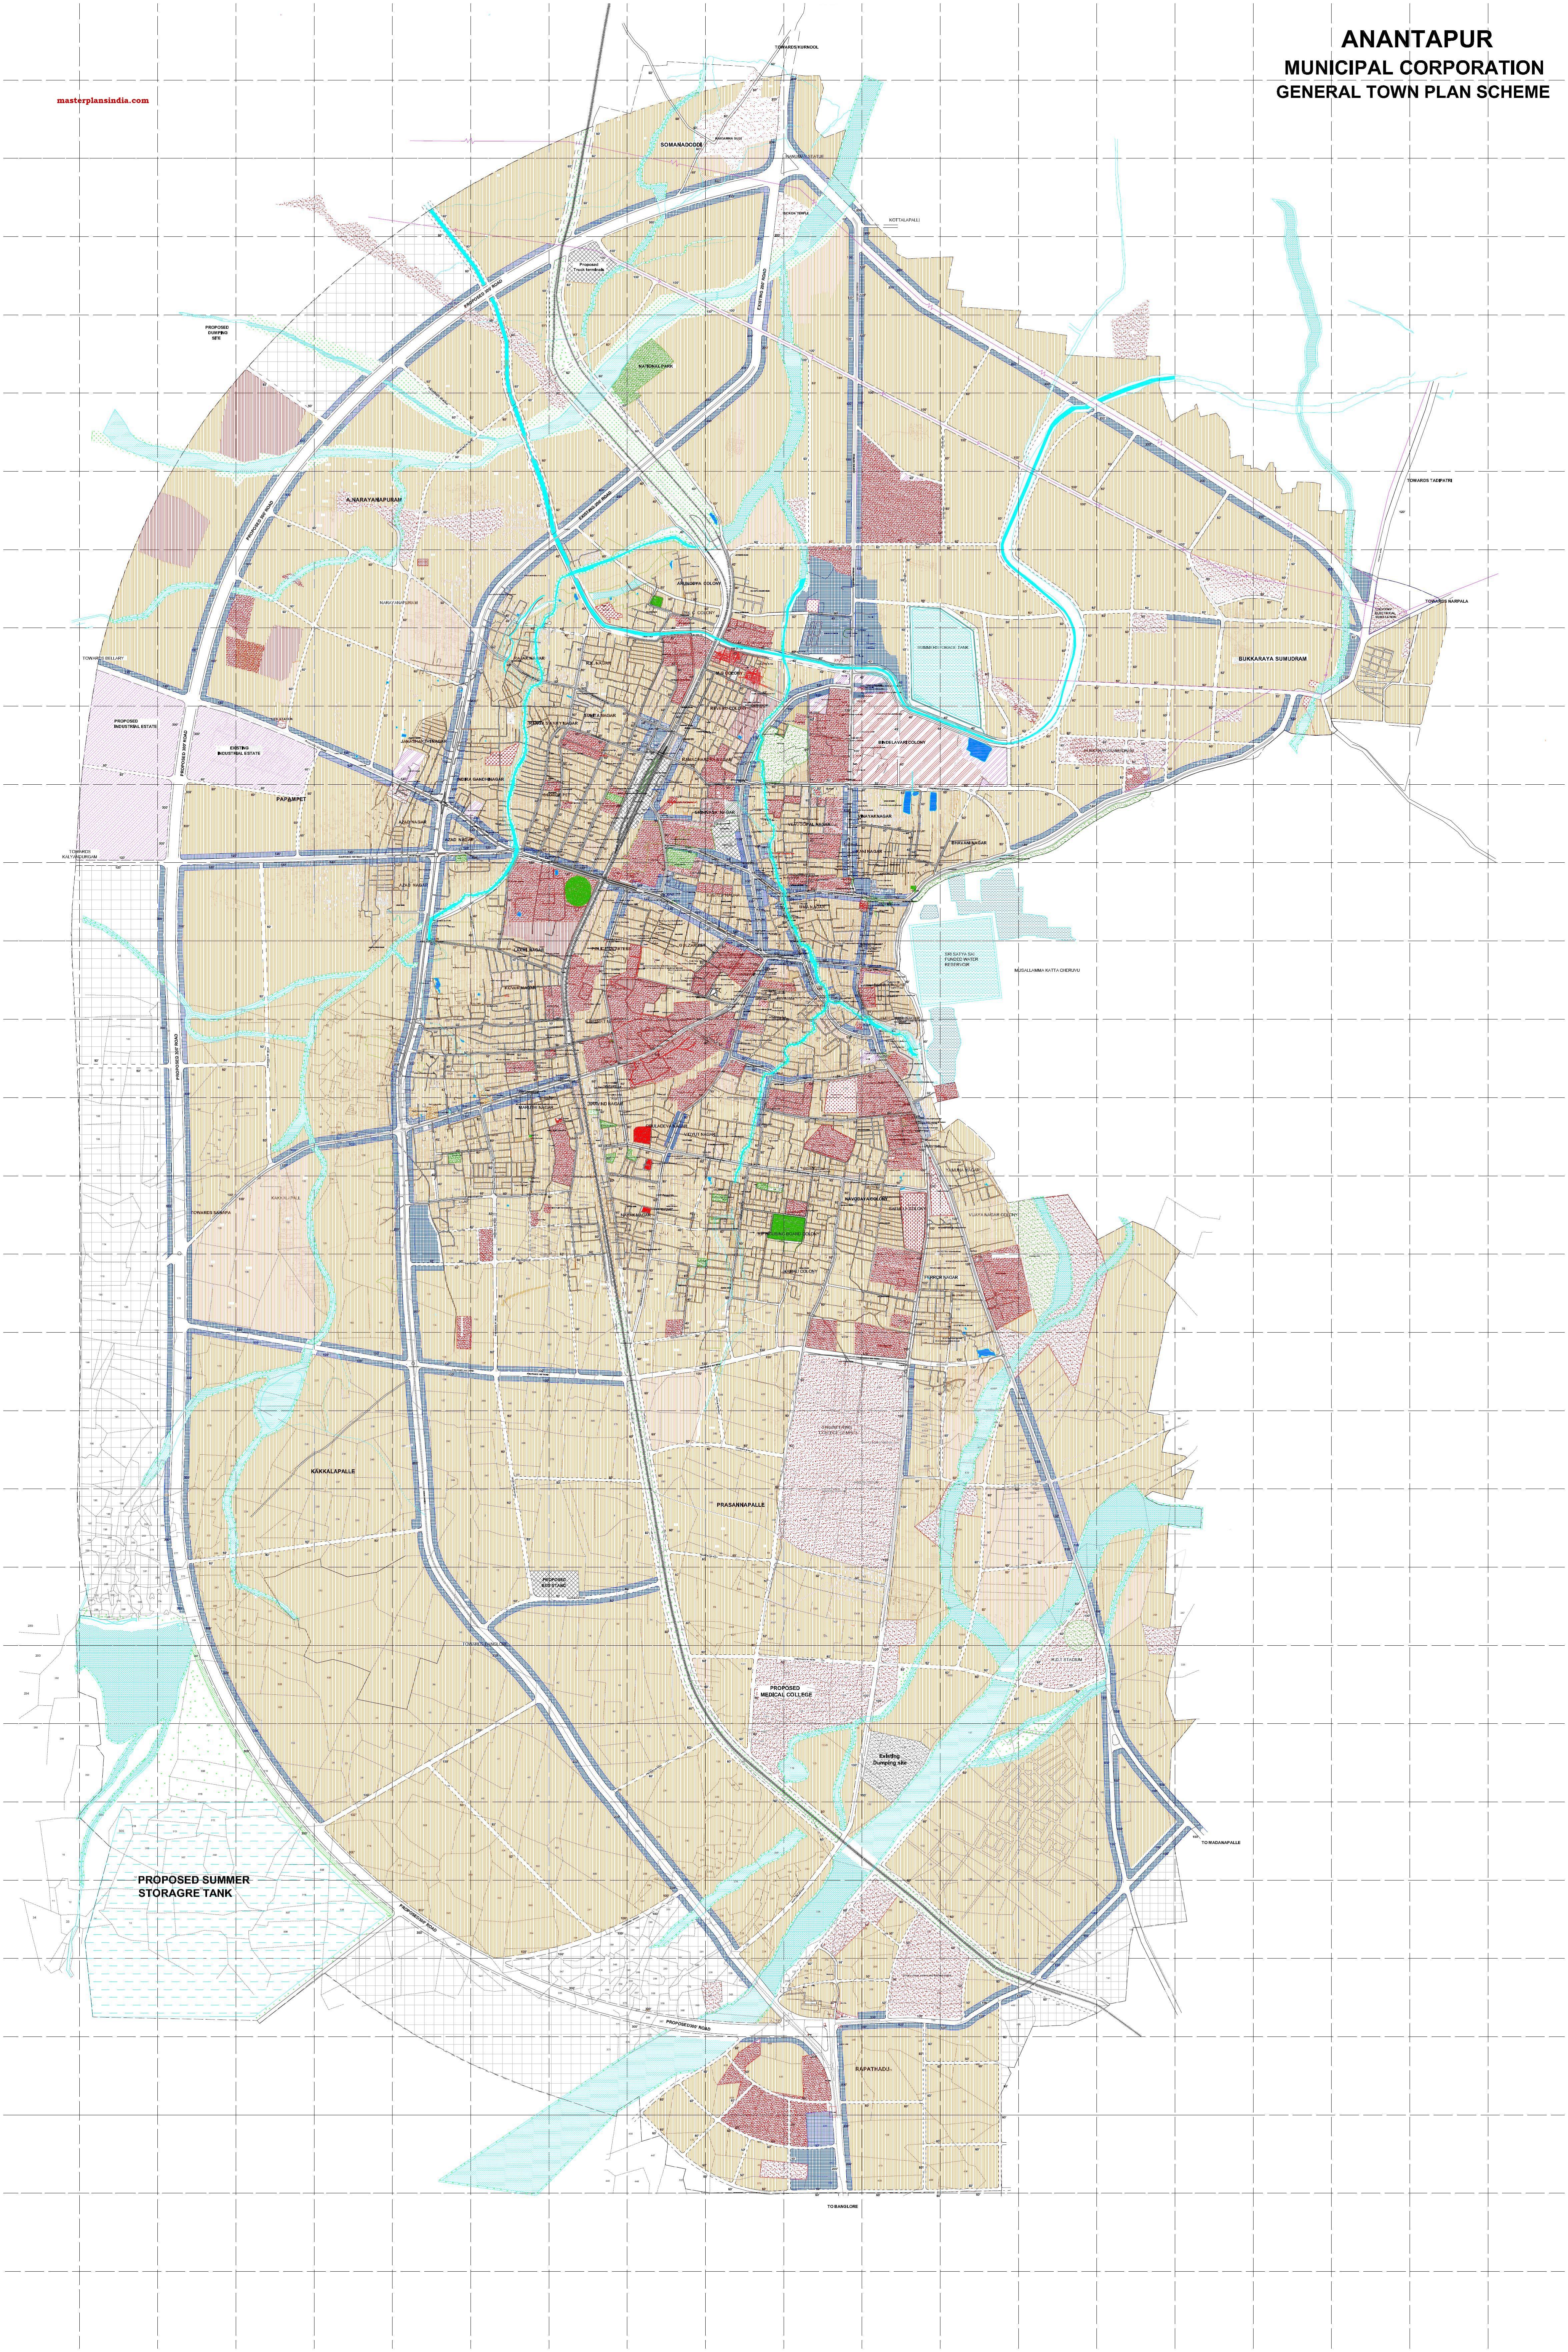 Anantapur Master Development Plan Map PDF Download - Master